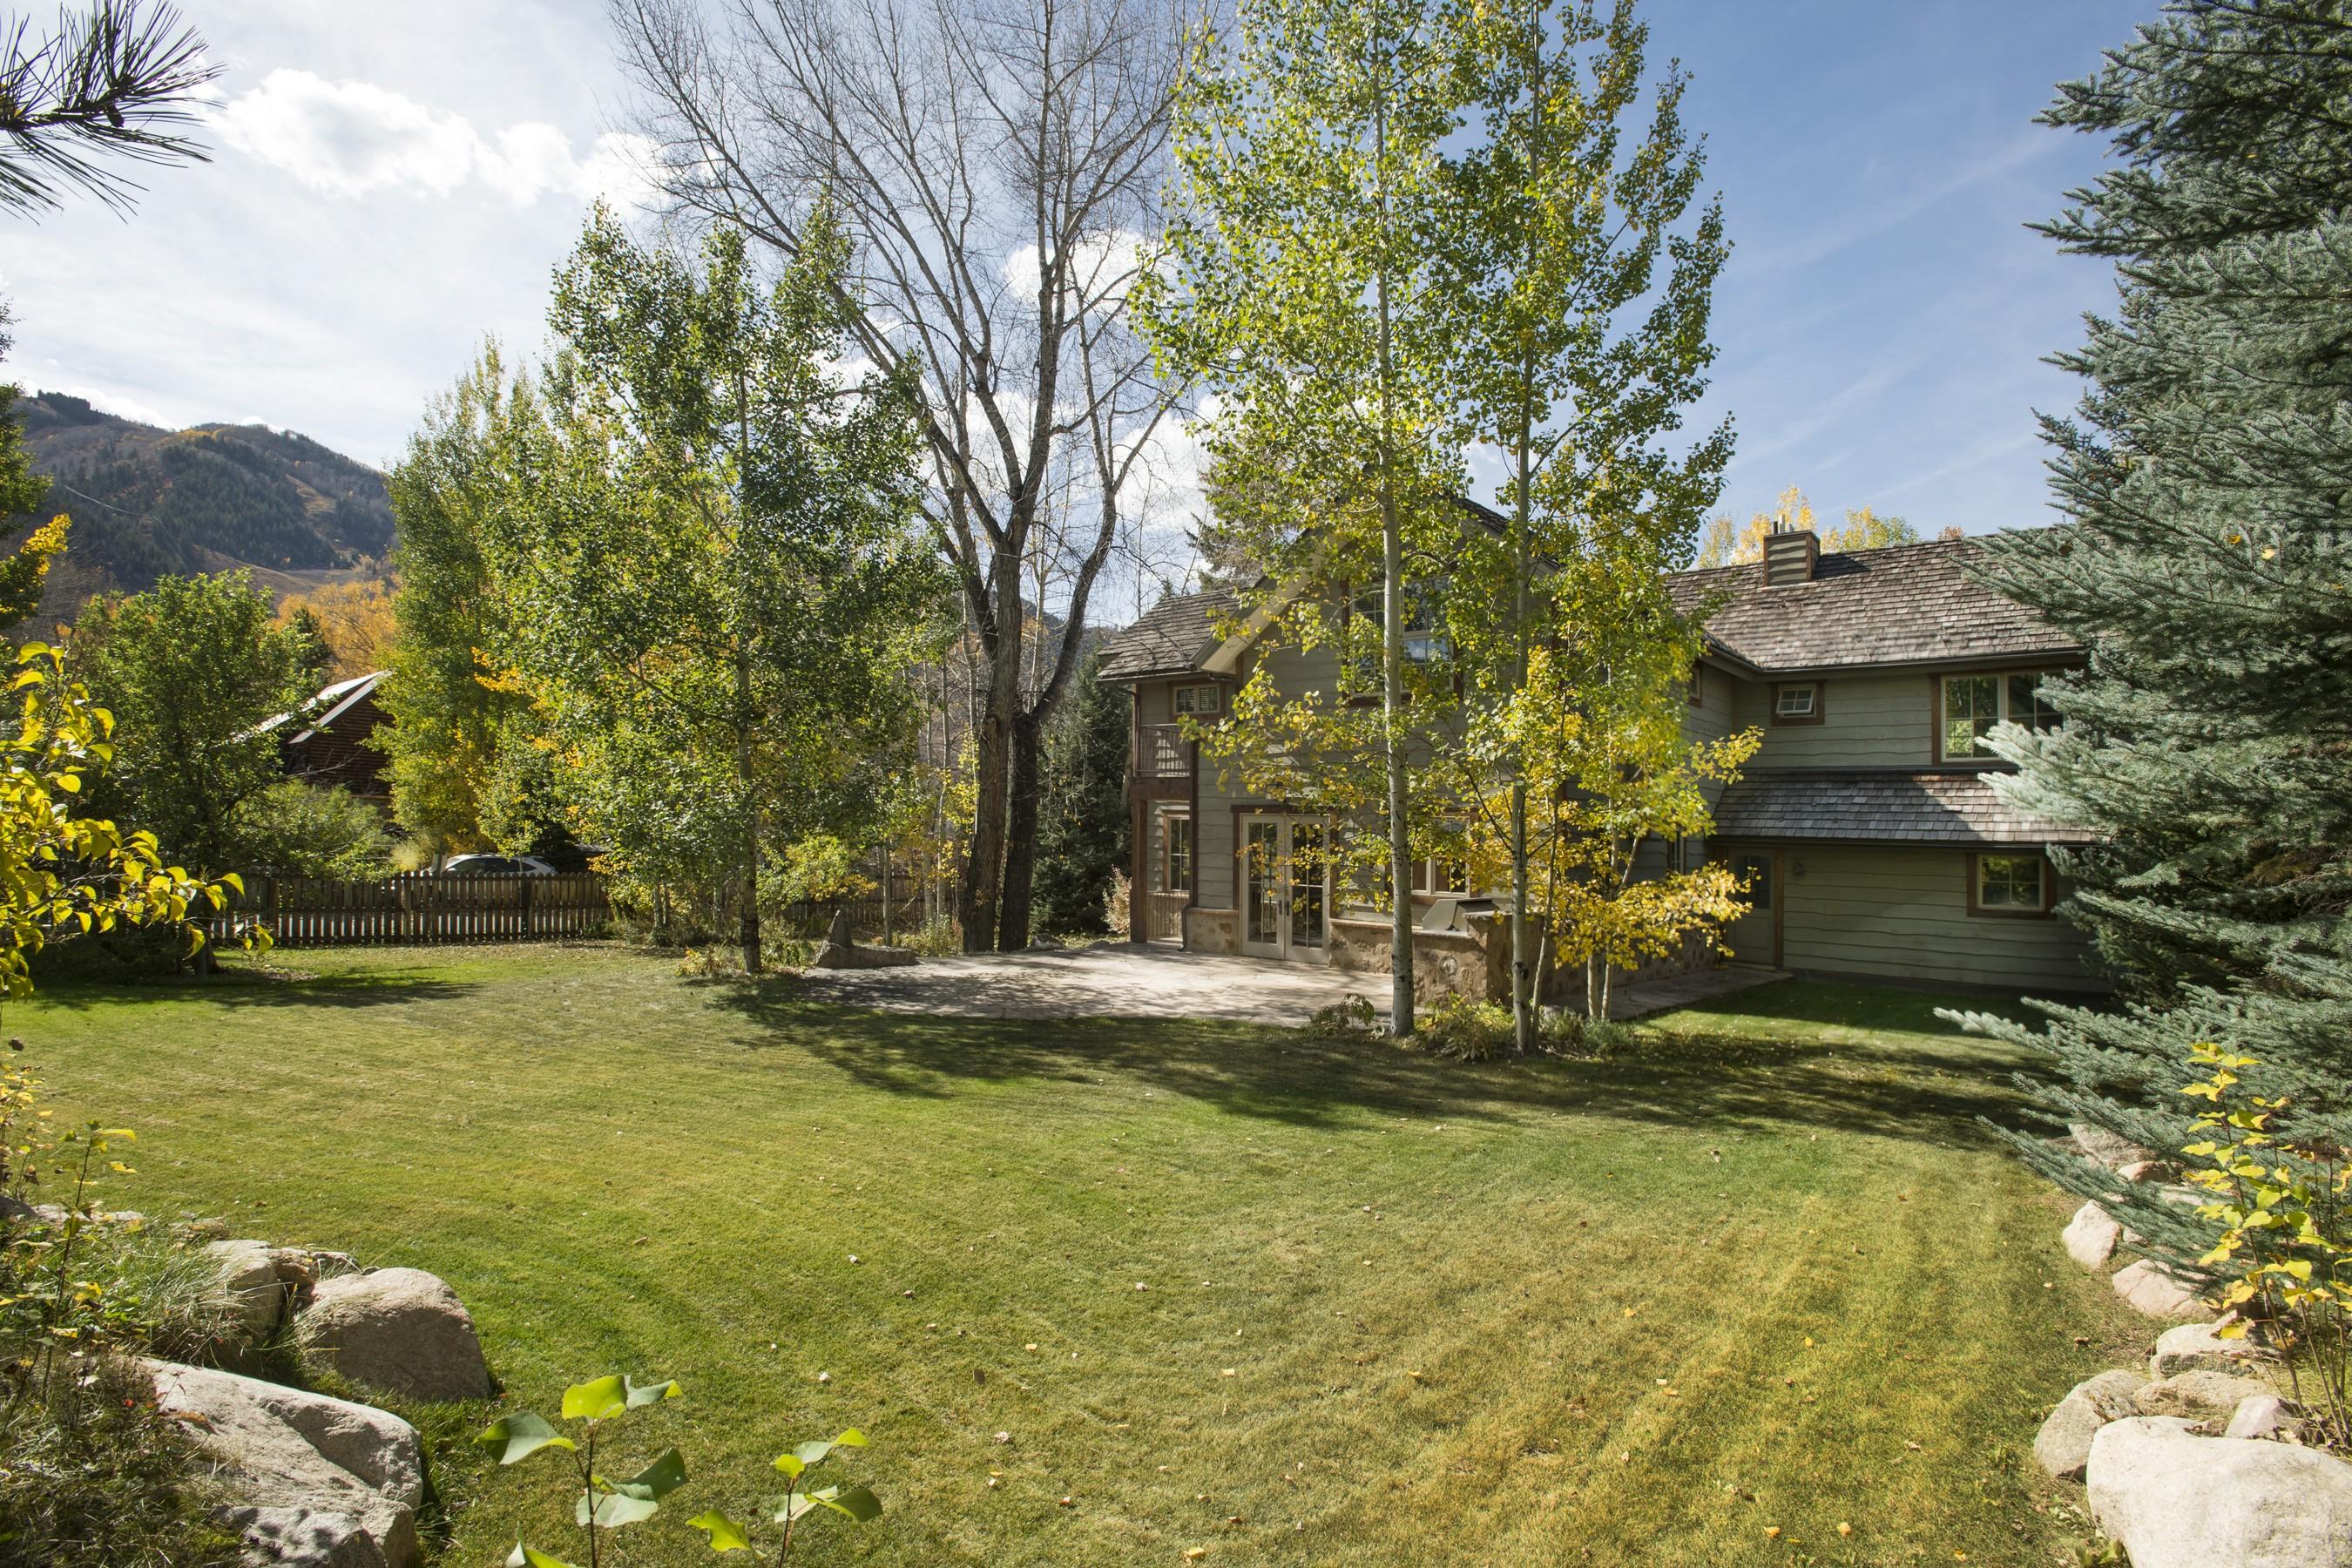 Tek Ailelik Ev için Satış at Downtown Delight 936 King Street Central Core, Aspen, Colorado, 81611 Amerika Birleşik Devletleri